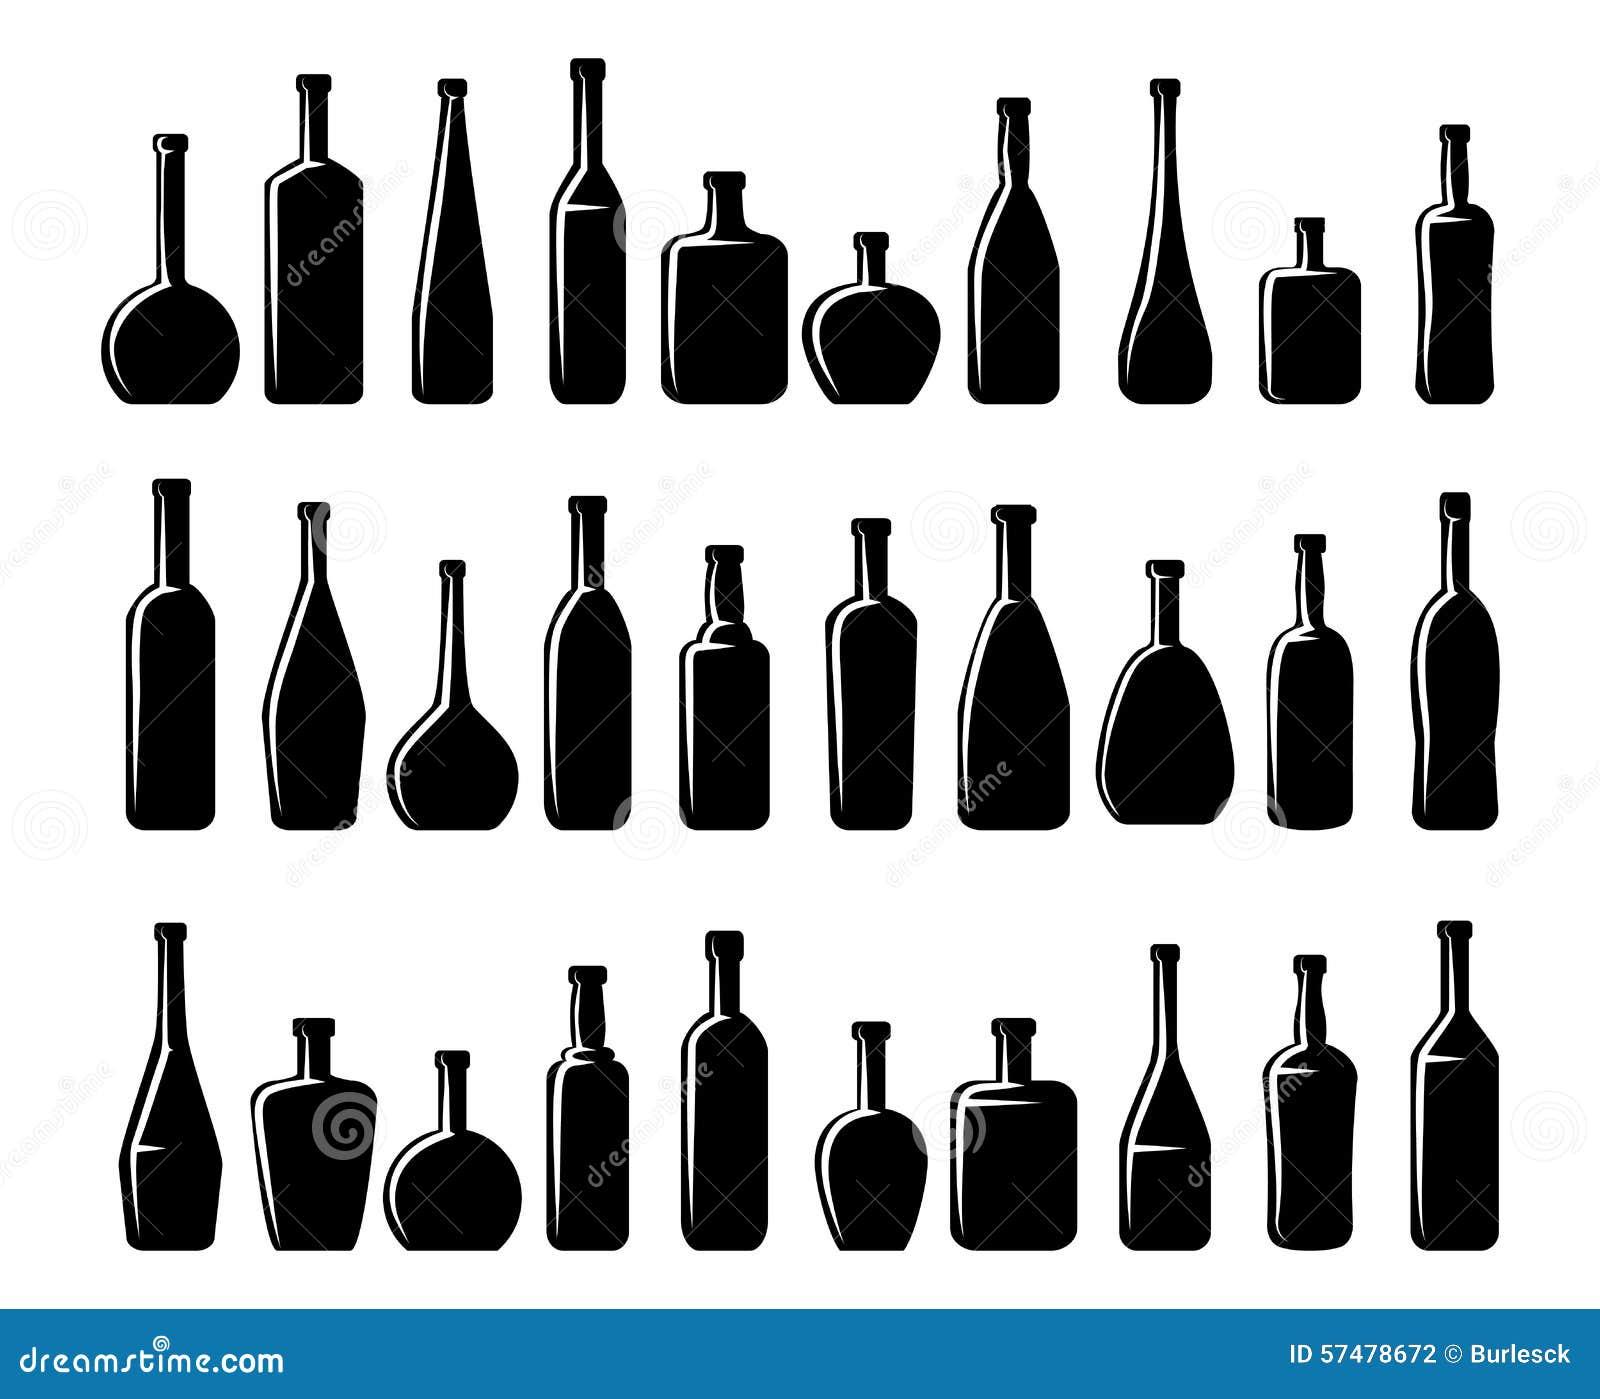 Clip On Glass Bottles Dark